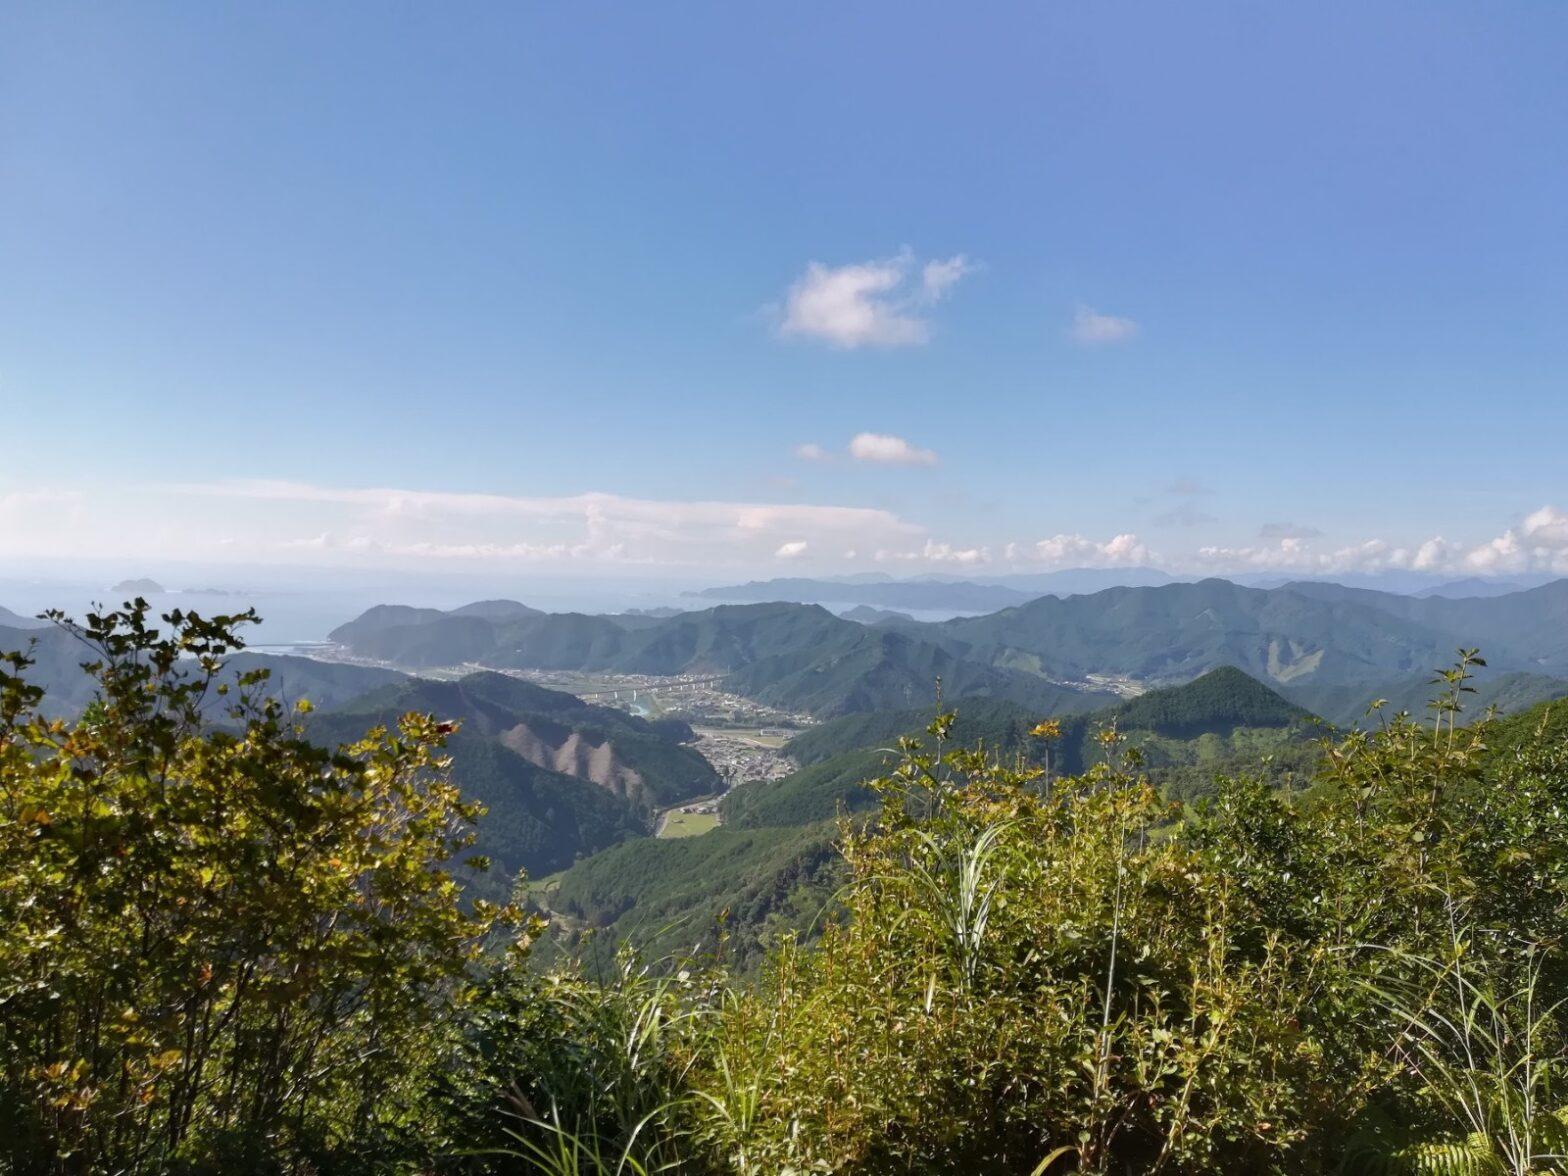 ツヅラト峠山頂